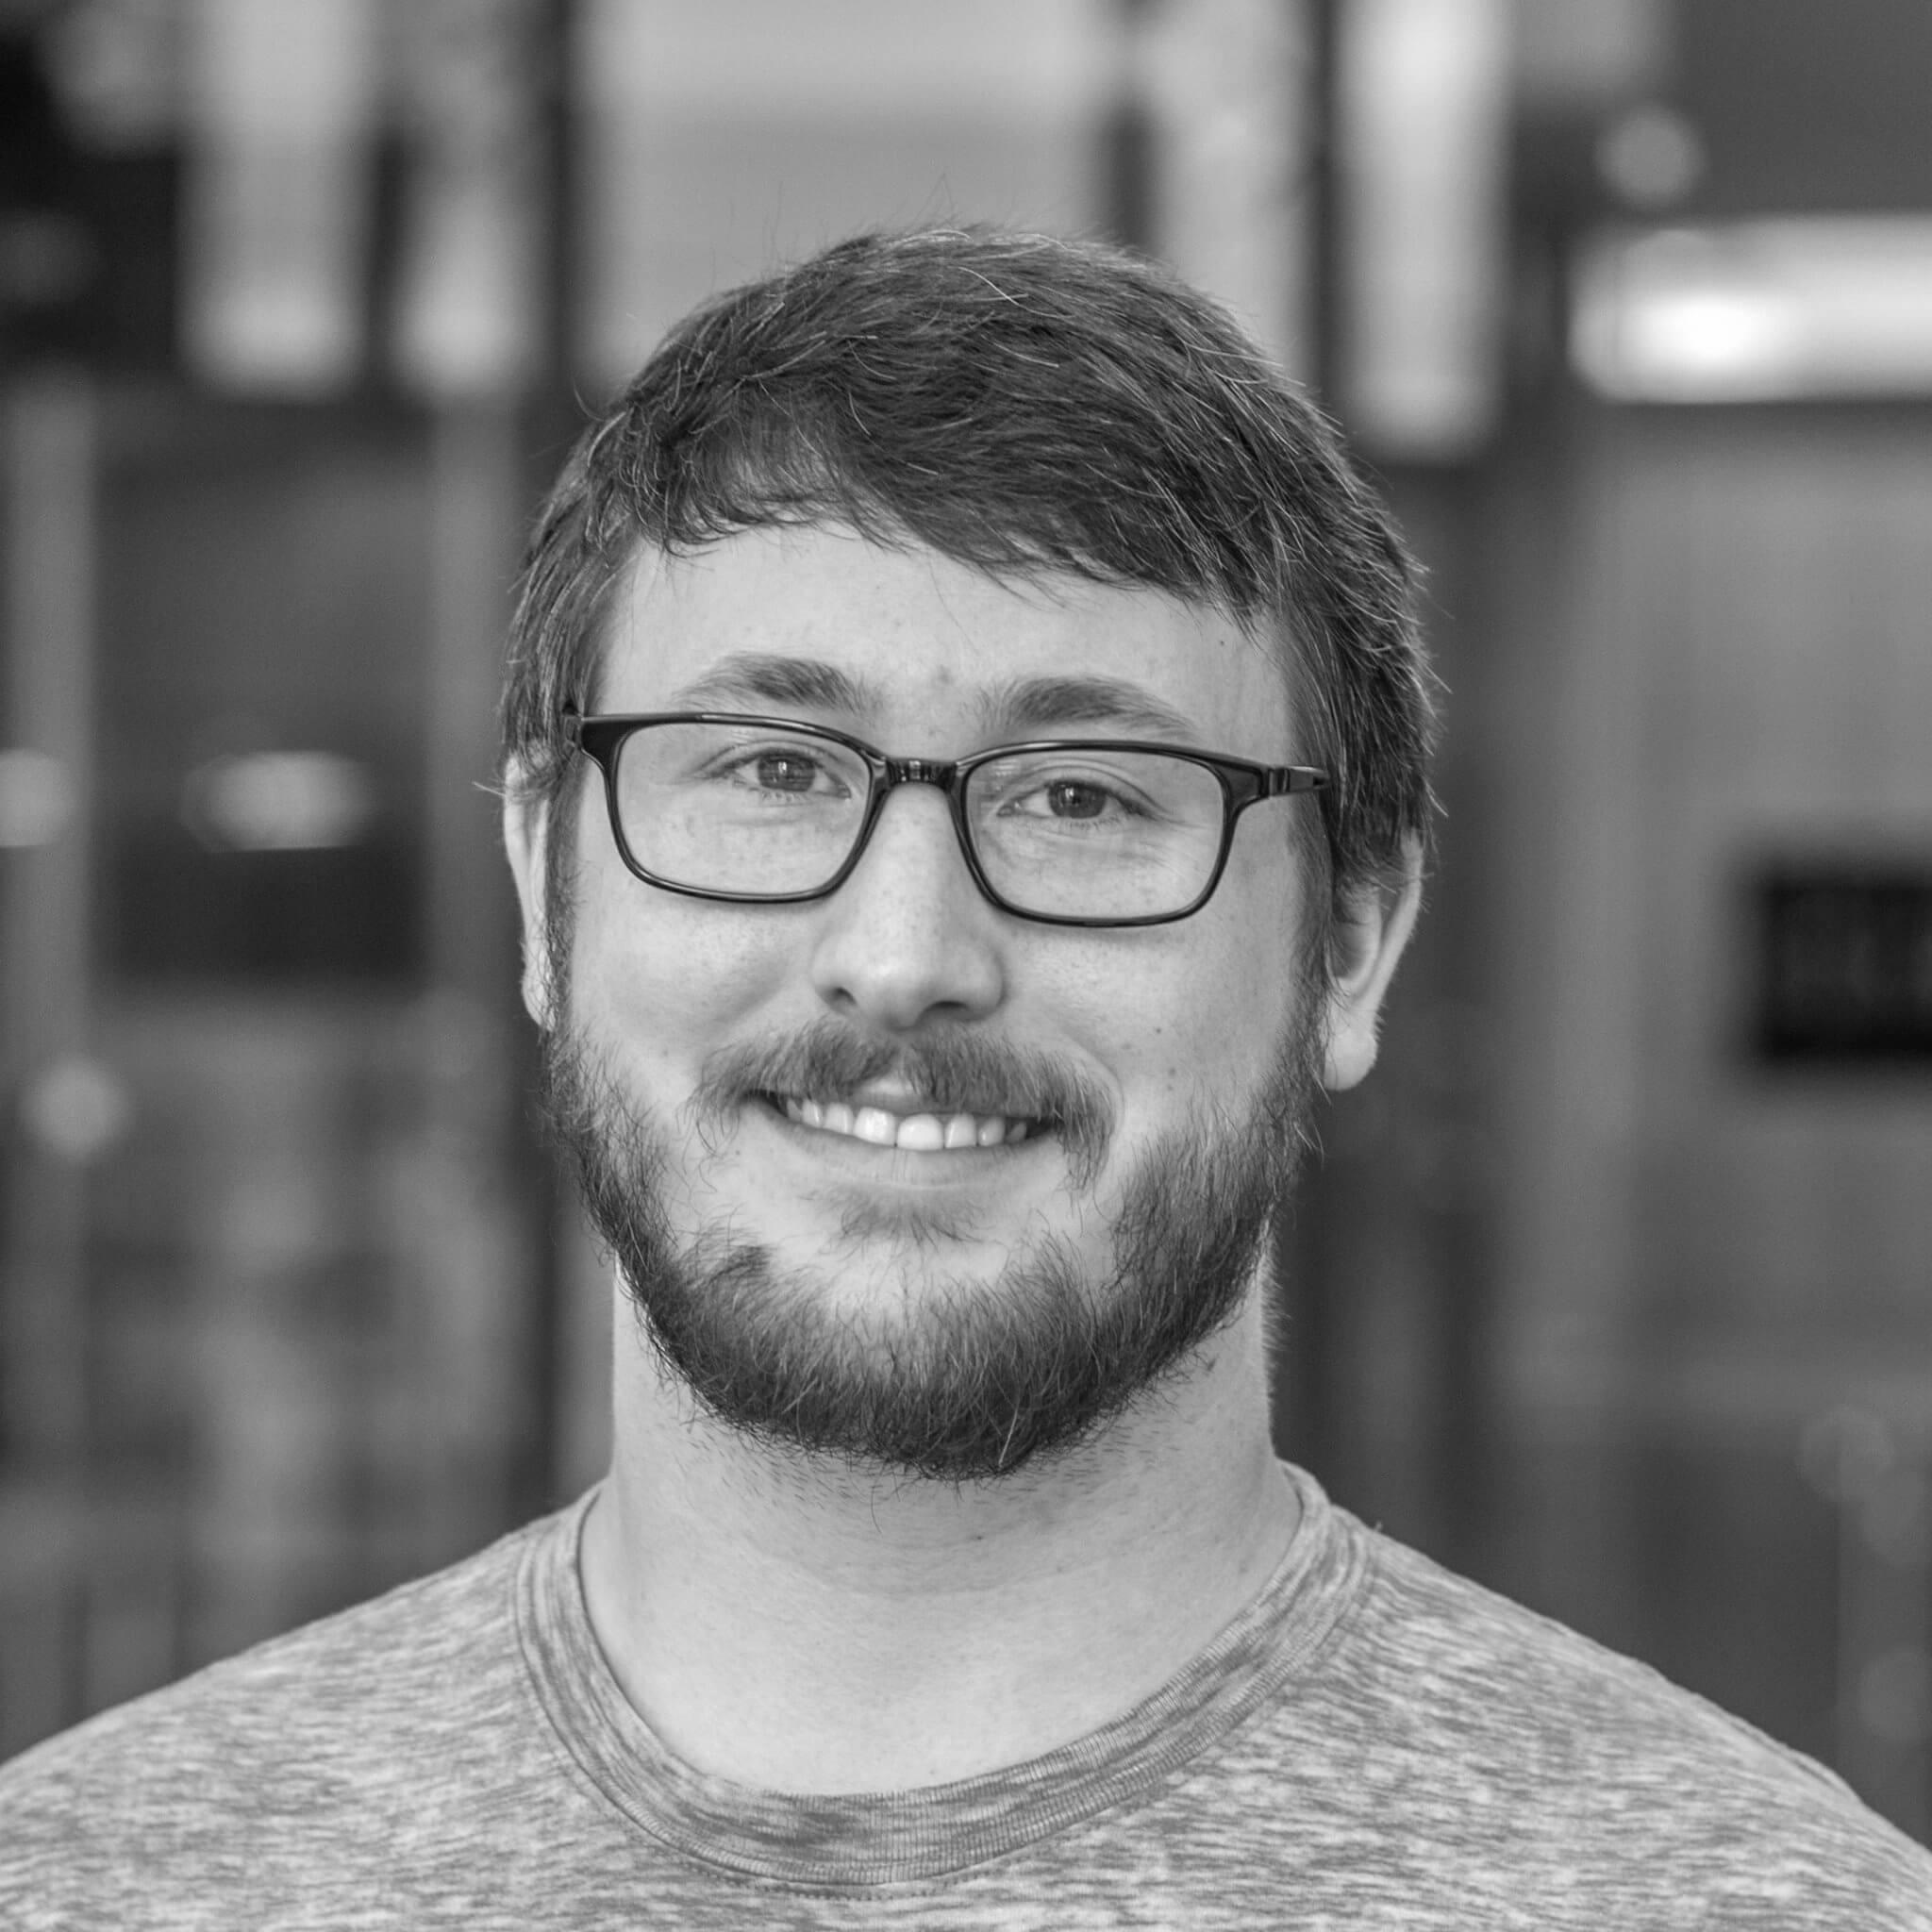 Headshot of Matt Stvartak